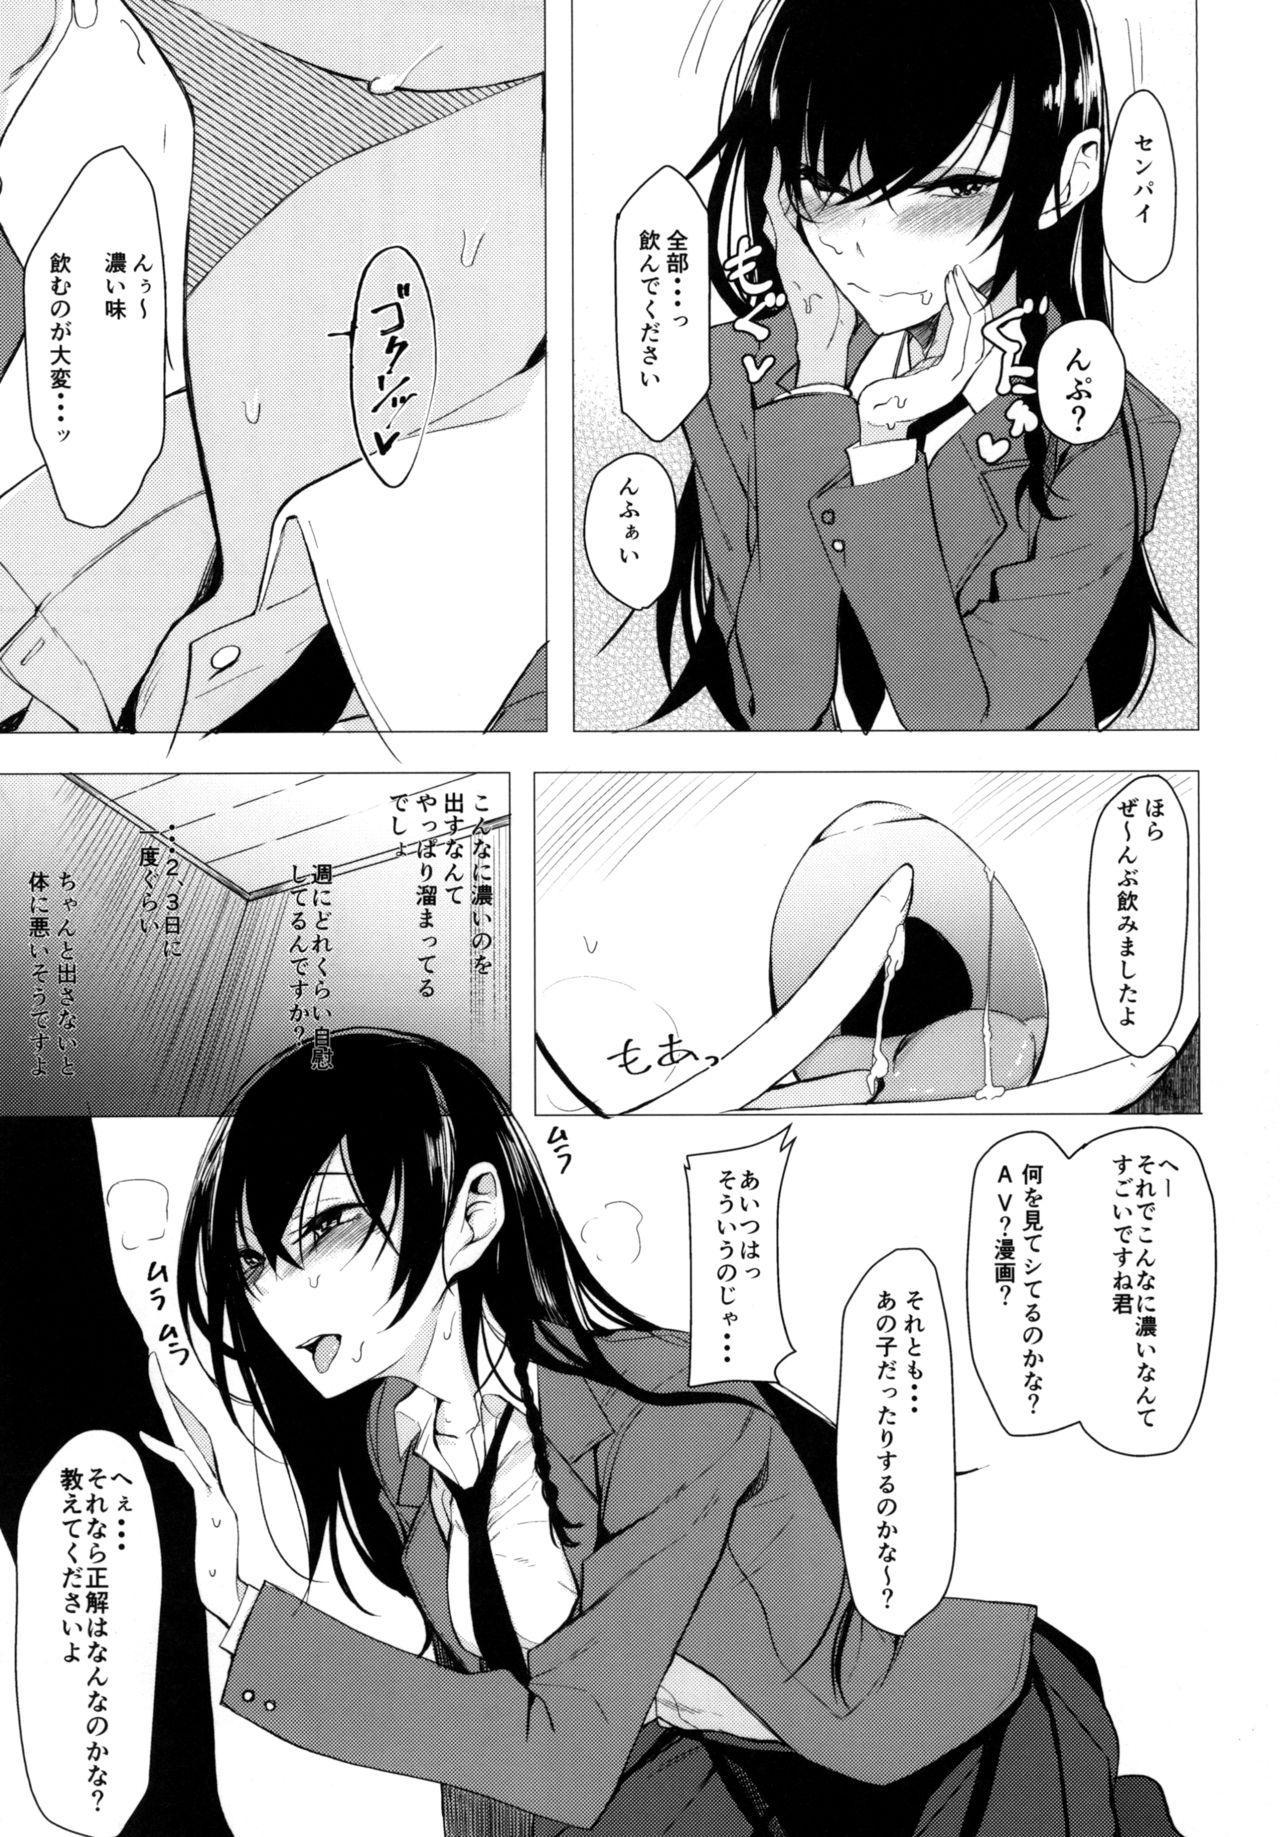 Futatabi Senpai ni Osowareru Hon 11